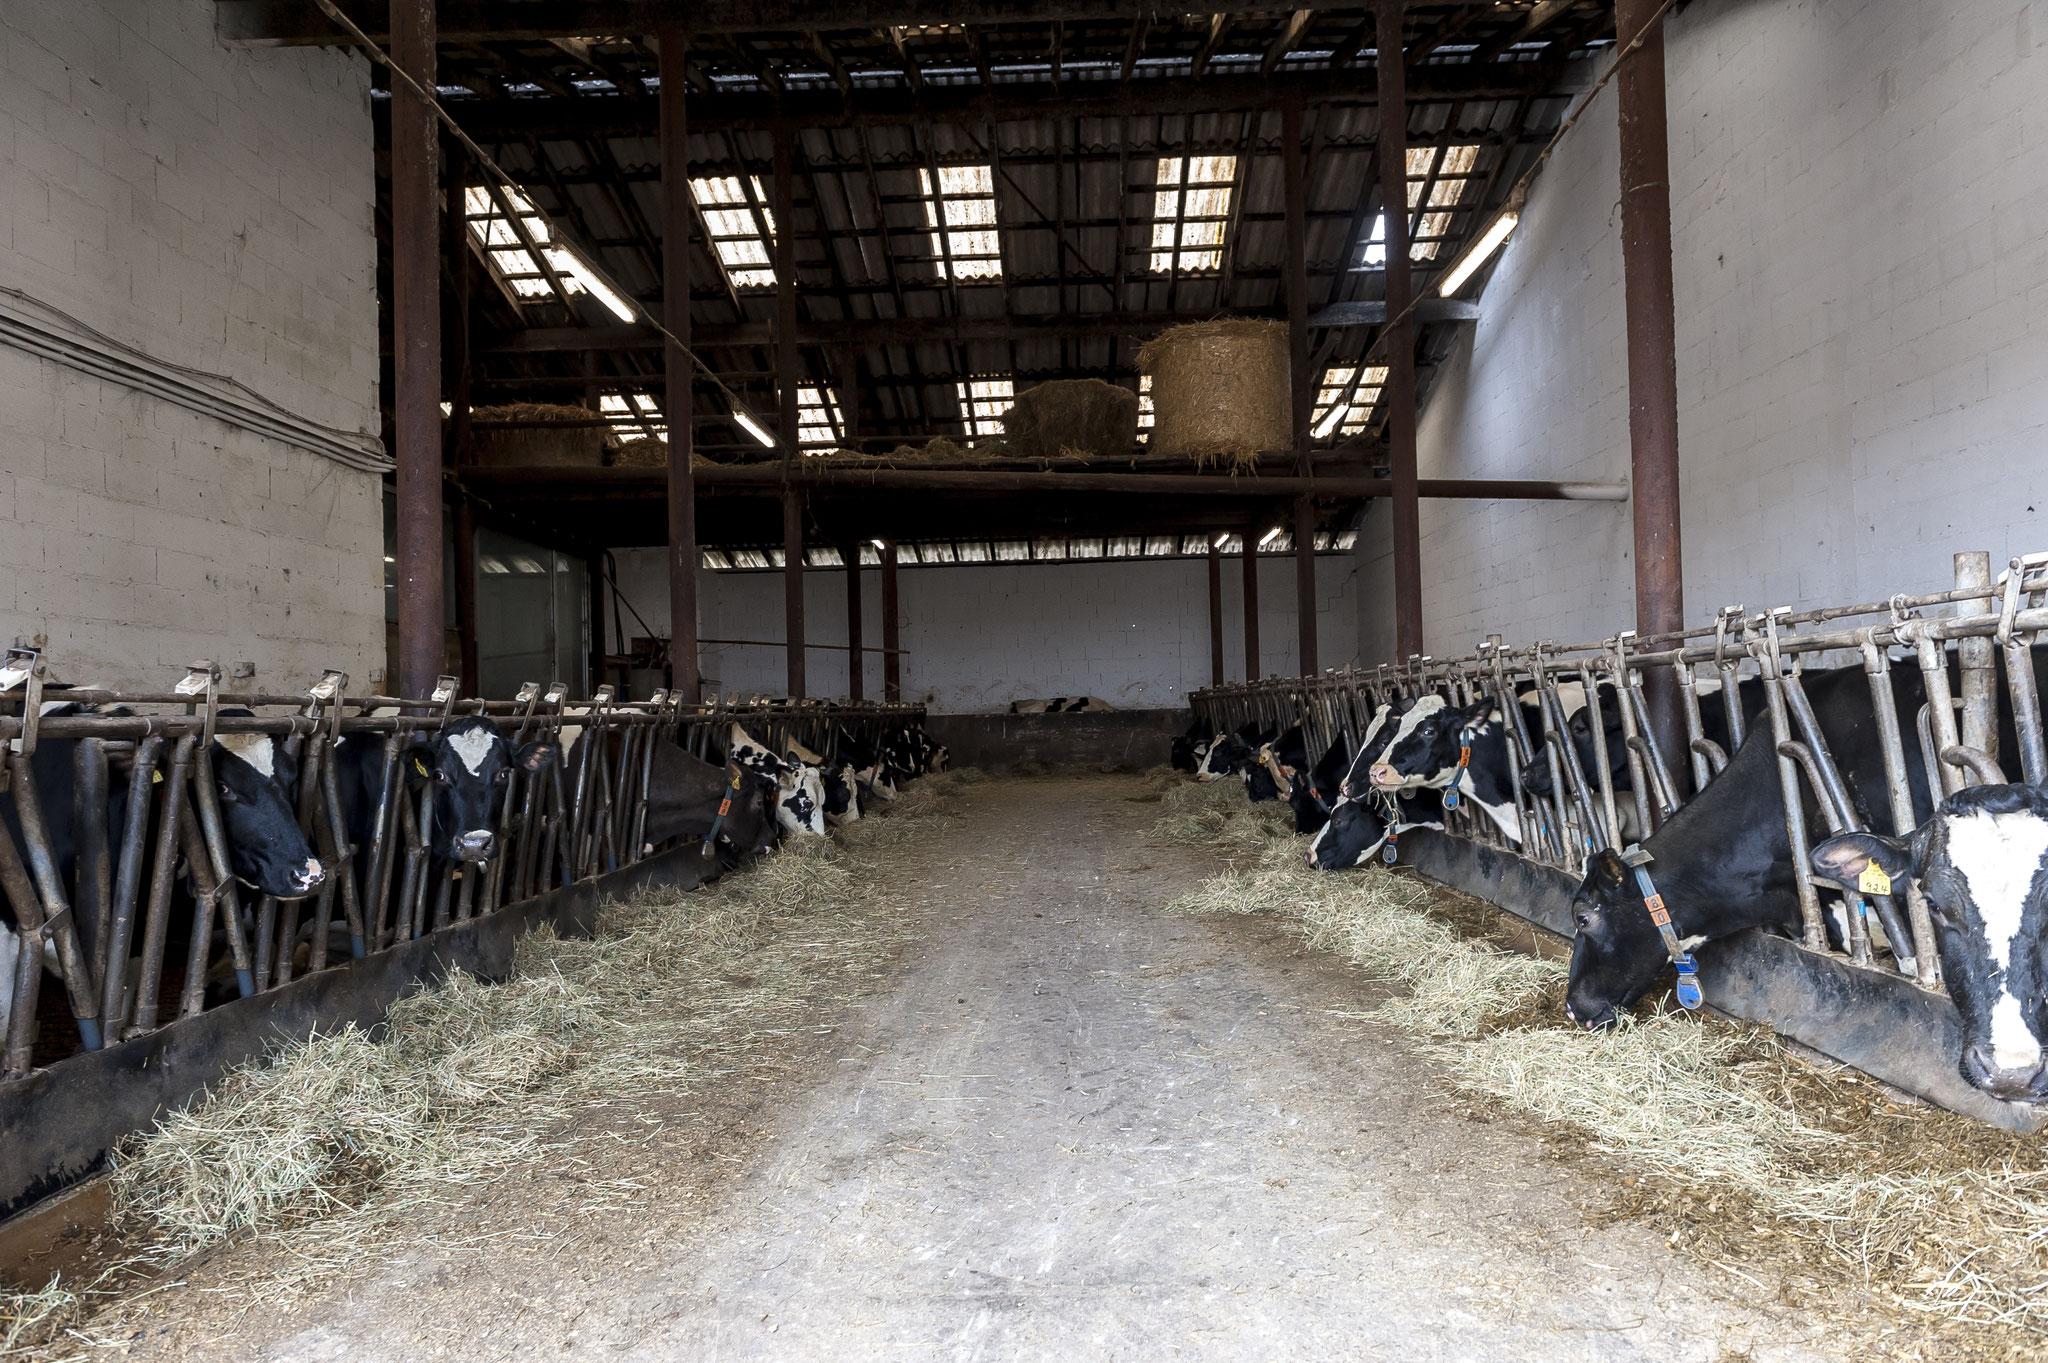 Auf unserem Futtertisch erhalten die Kühe immer frisches Futter